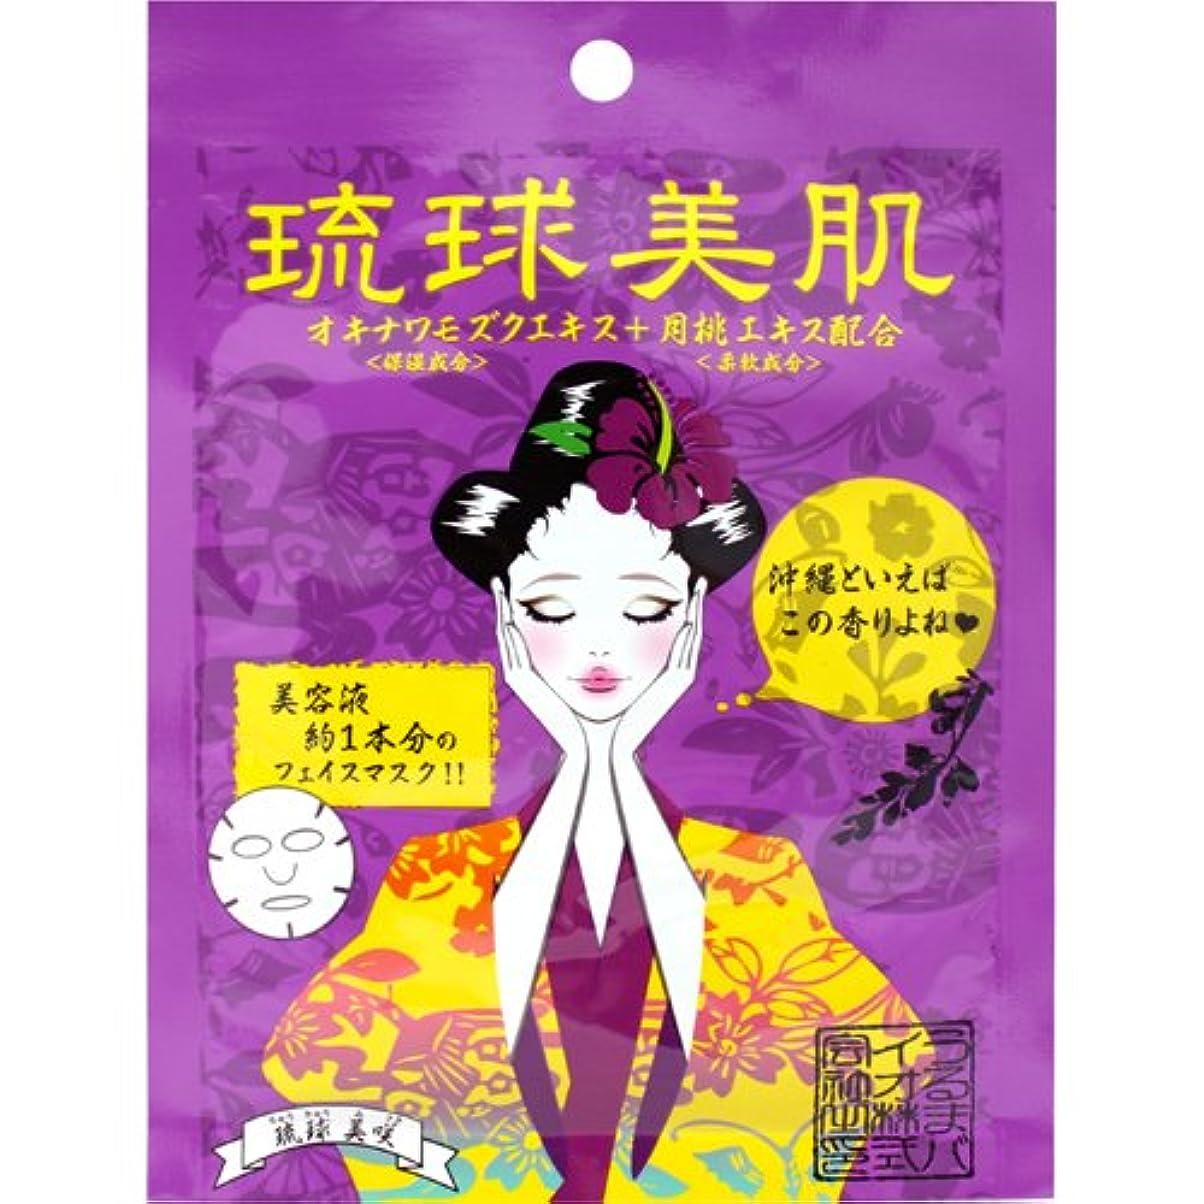 影響力のある矛盾モザイク琉球美肌 フェイスマスクシート 月桃の香り 10枚セット